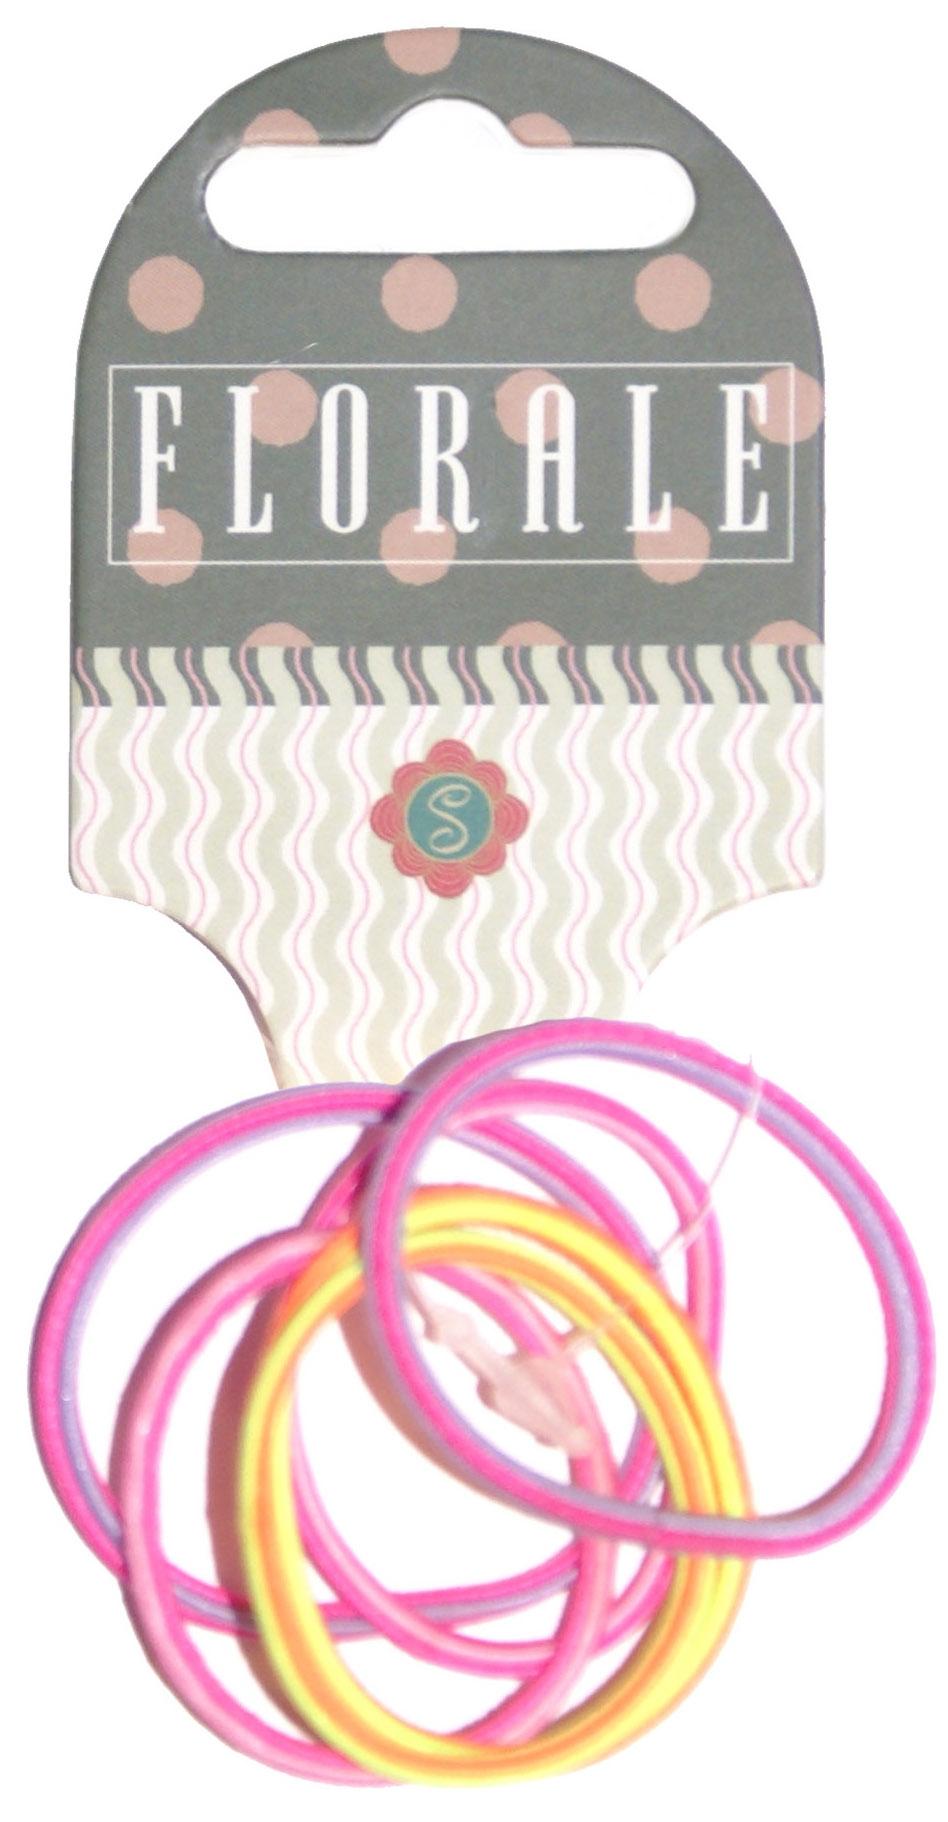 Украшения Florale Резинка для волоc Florale тонкая 6 шт. в ассортименте украшения florale резинка для волоc florale 4 шт в ассортименте